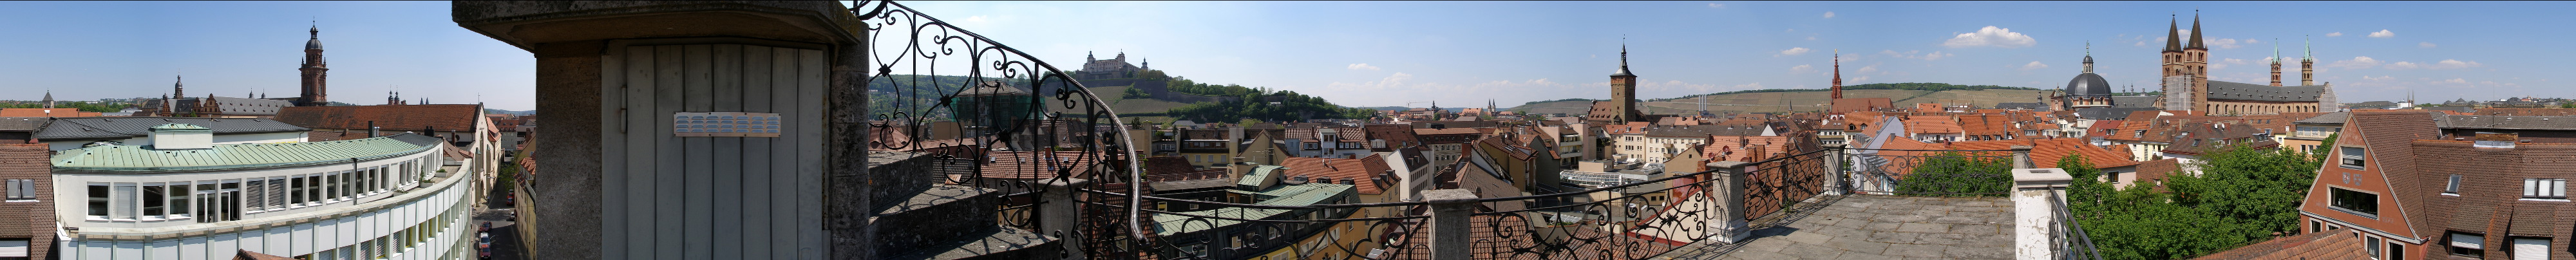 panorama-wuerzburg